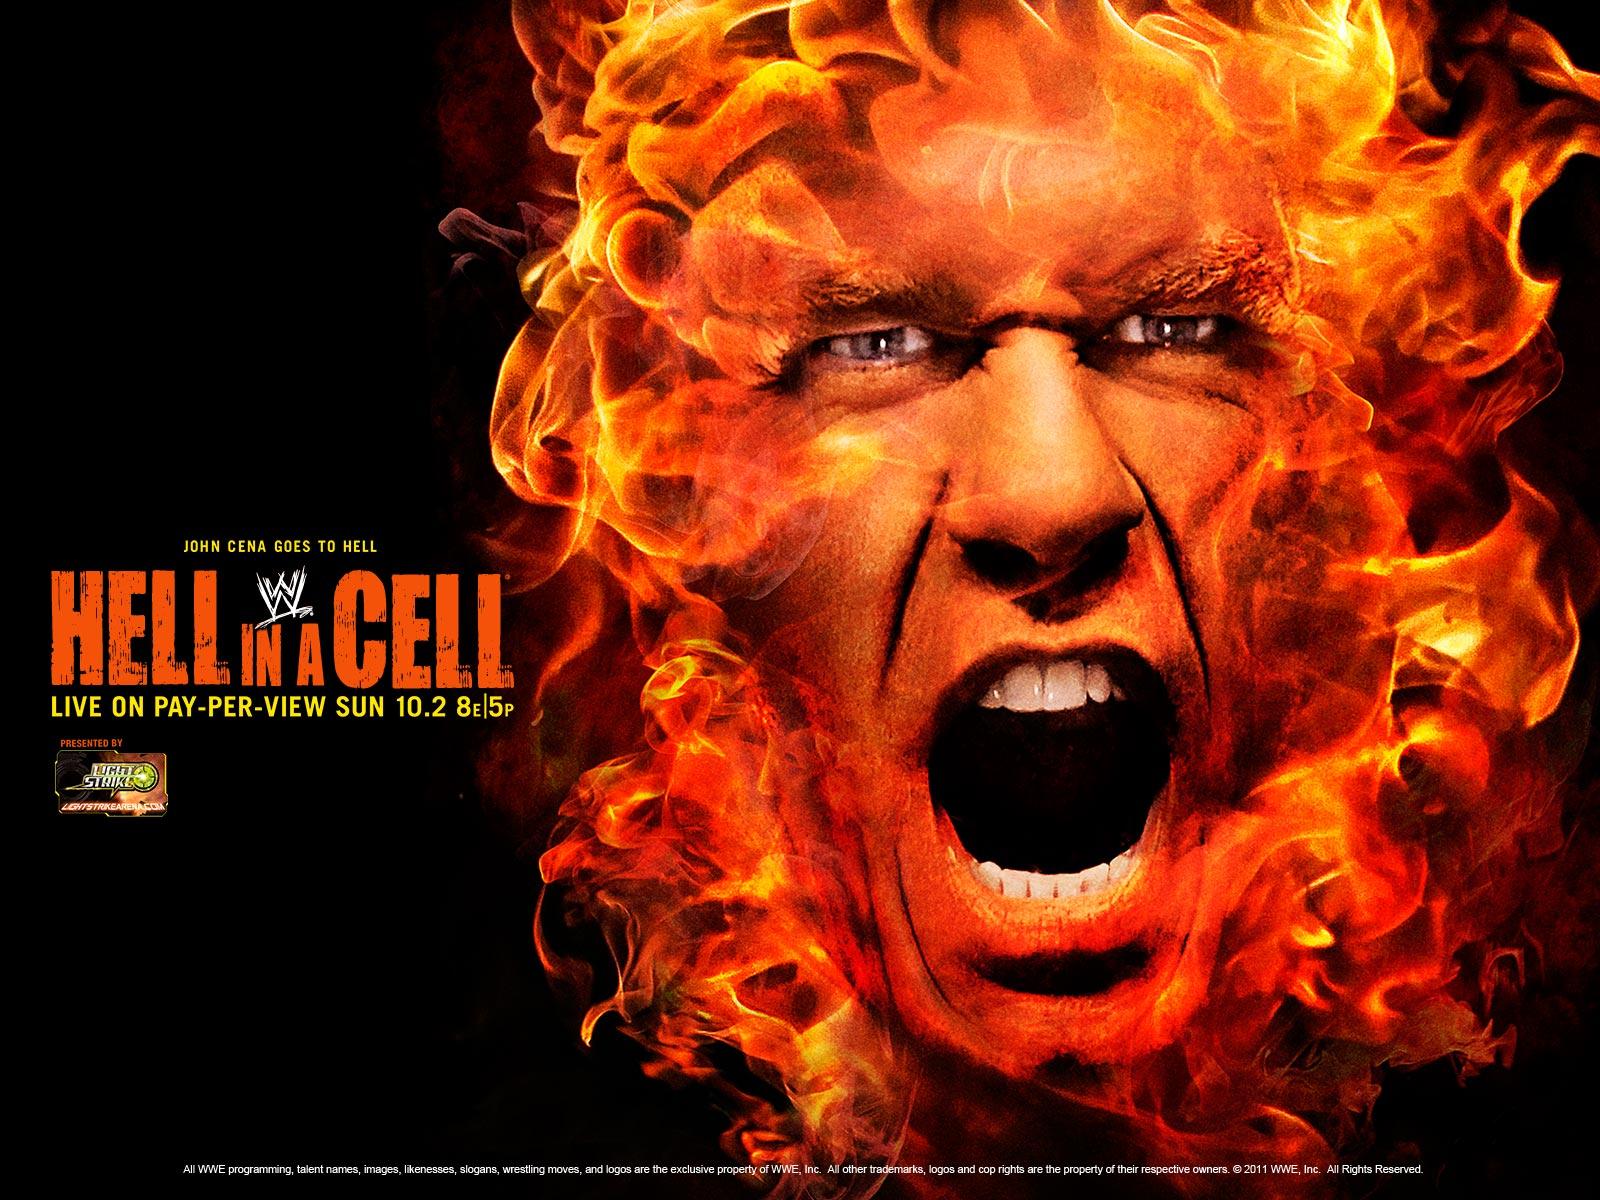 http://3.bp.blogspot.com/-if8U6tg6iMA/Tokcd-wYEcI/AAAAAAAAAm8/uPSztSkZlX4/s1600/hell-in-a-cell-2011-wallpaper.jpg